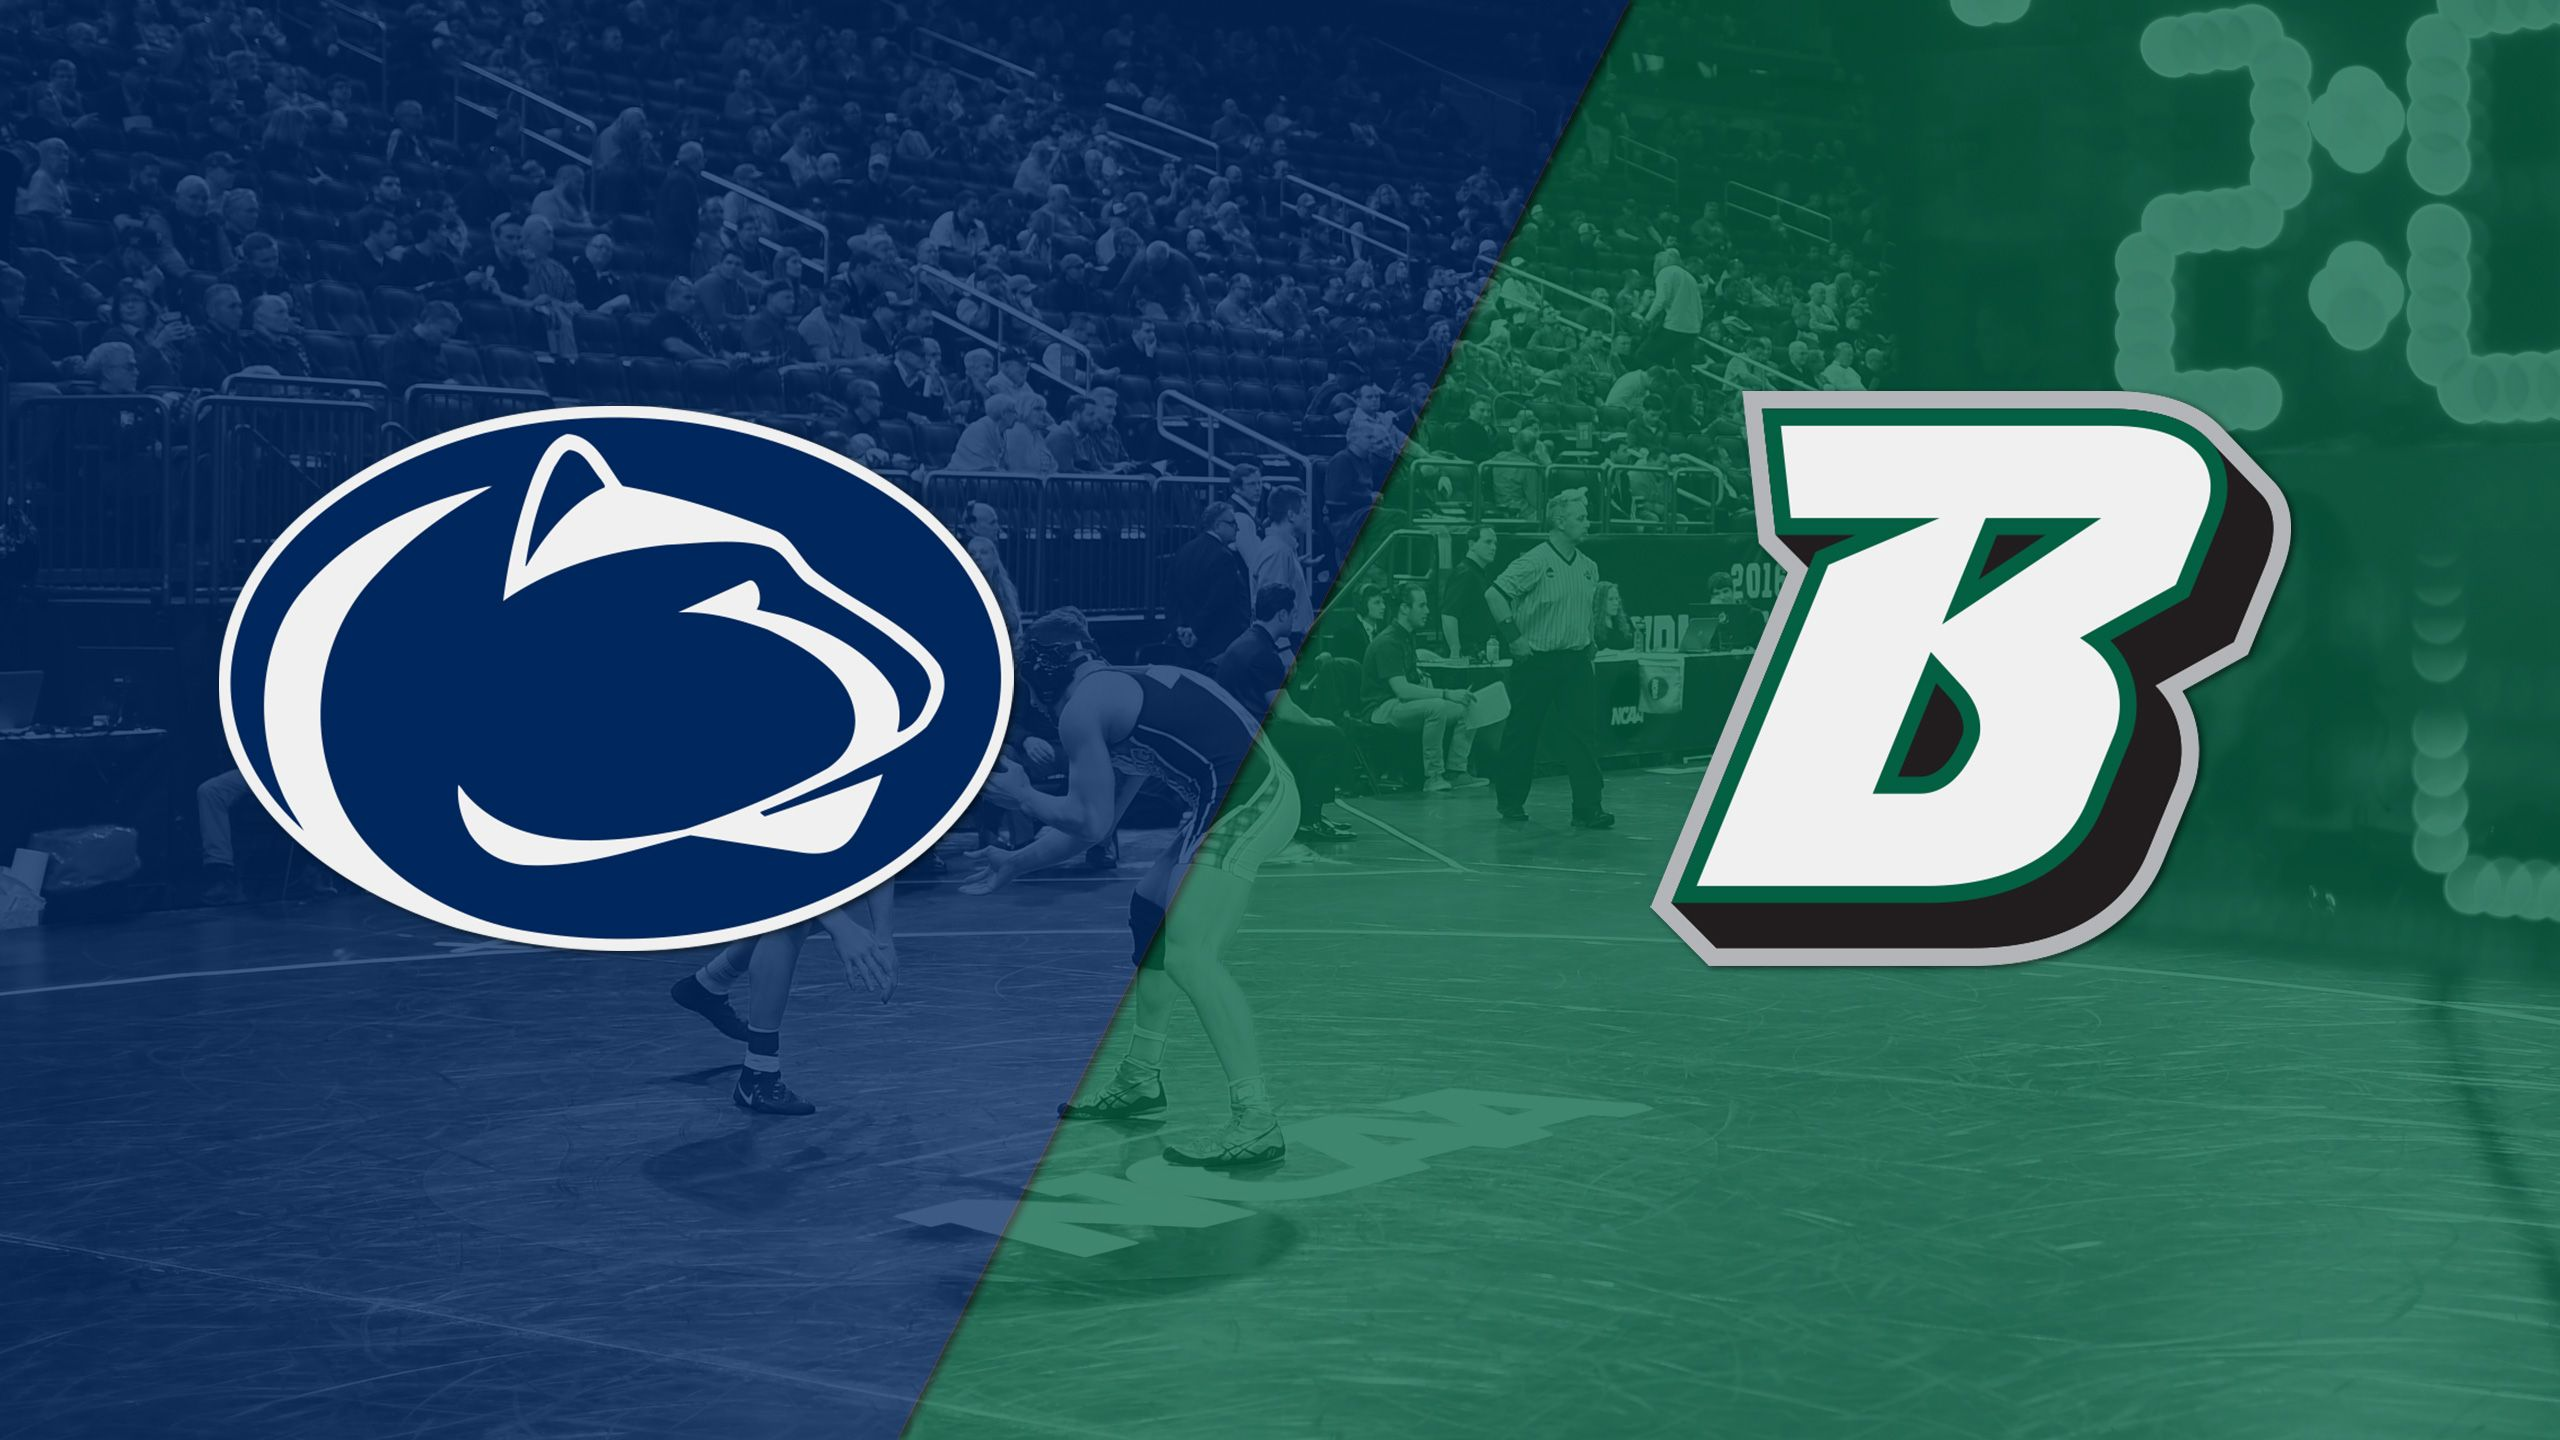 Penn State vs. Binghamton (Wrestling)